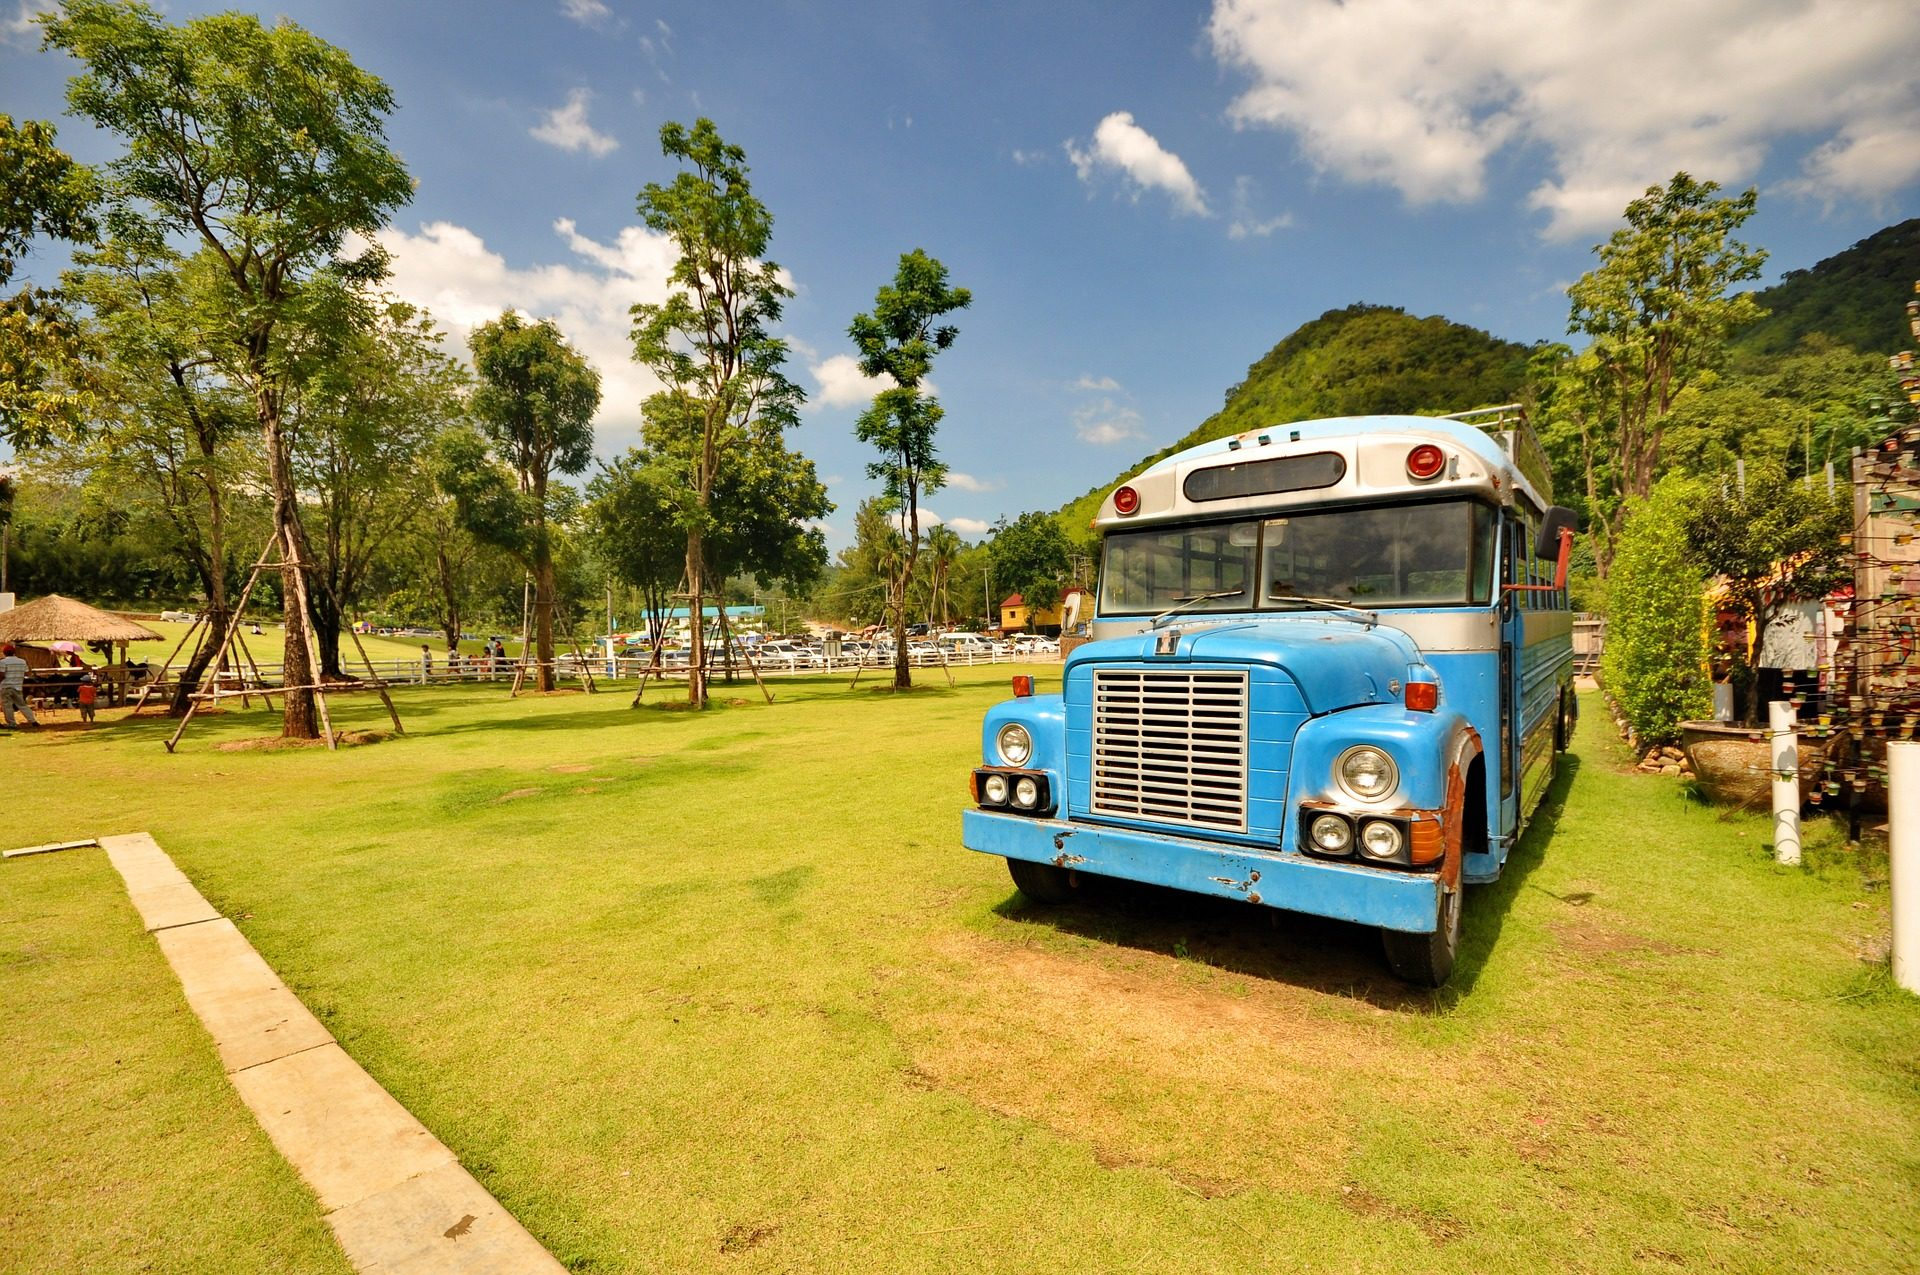 حافلة, القديمة, الرجعية, خمر, بارك, الأشجار - خلفيات عالية الدقة - أستاذ falken.com